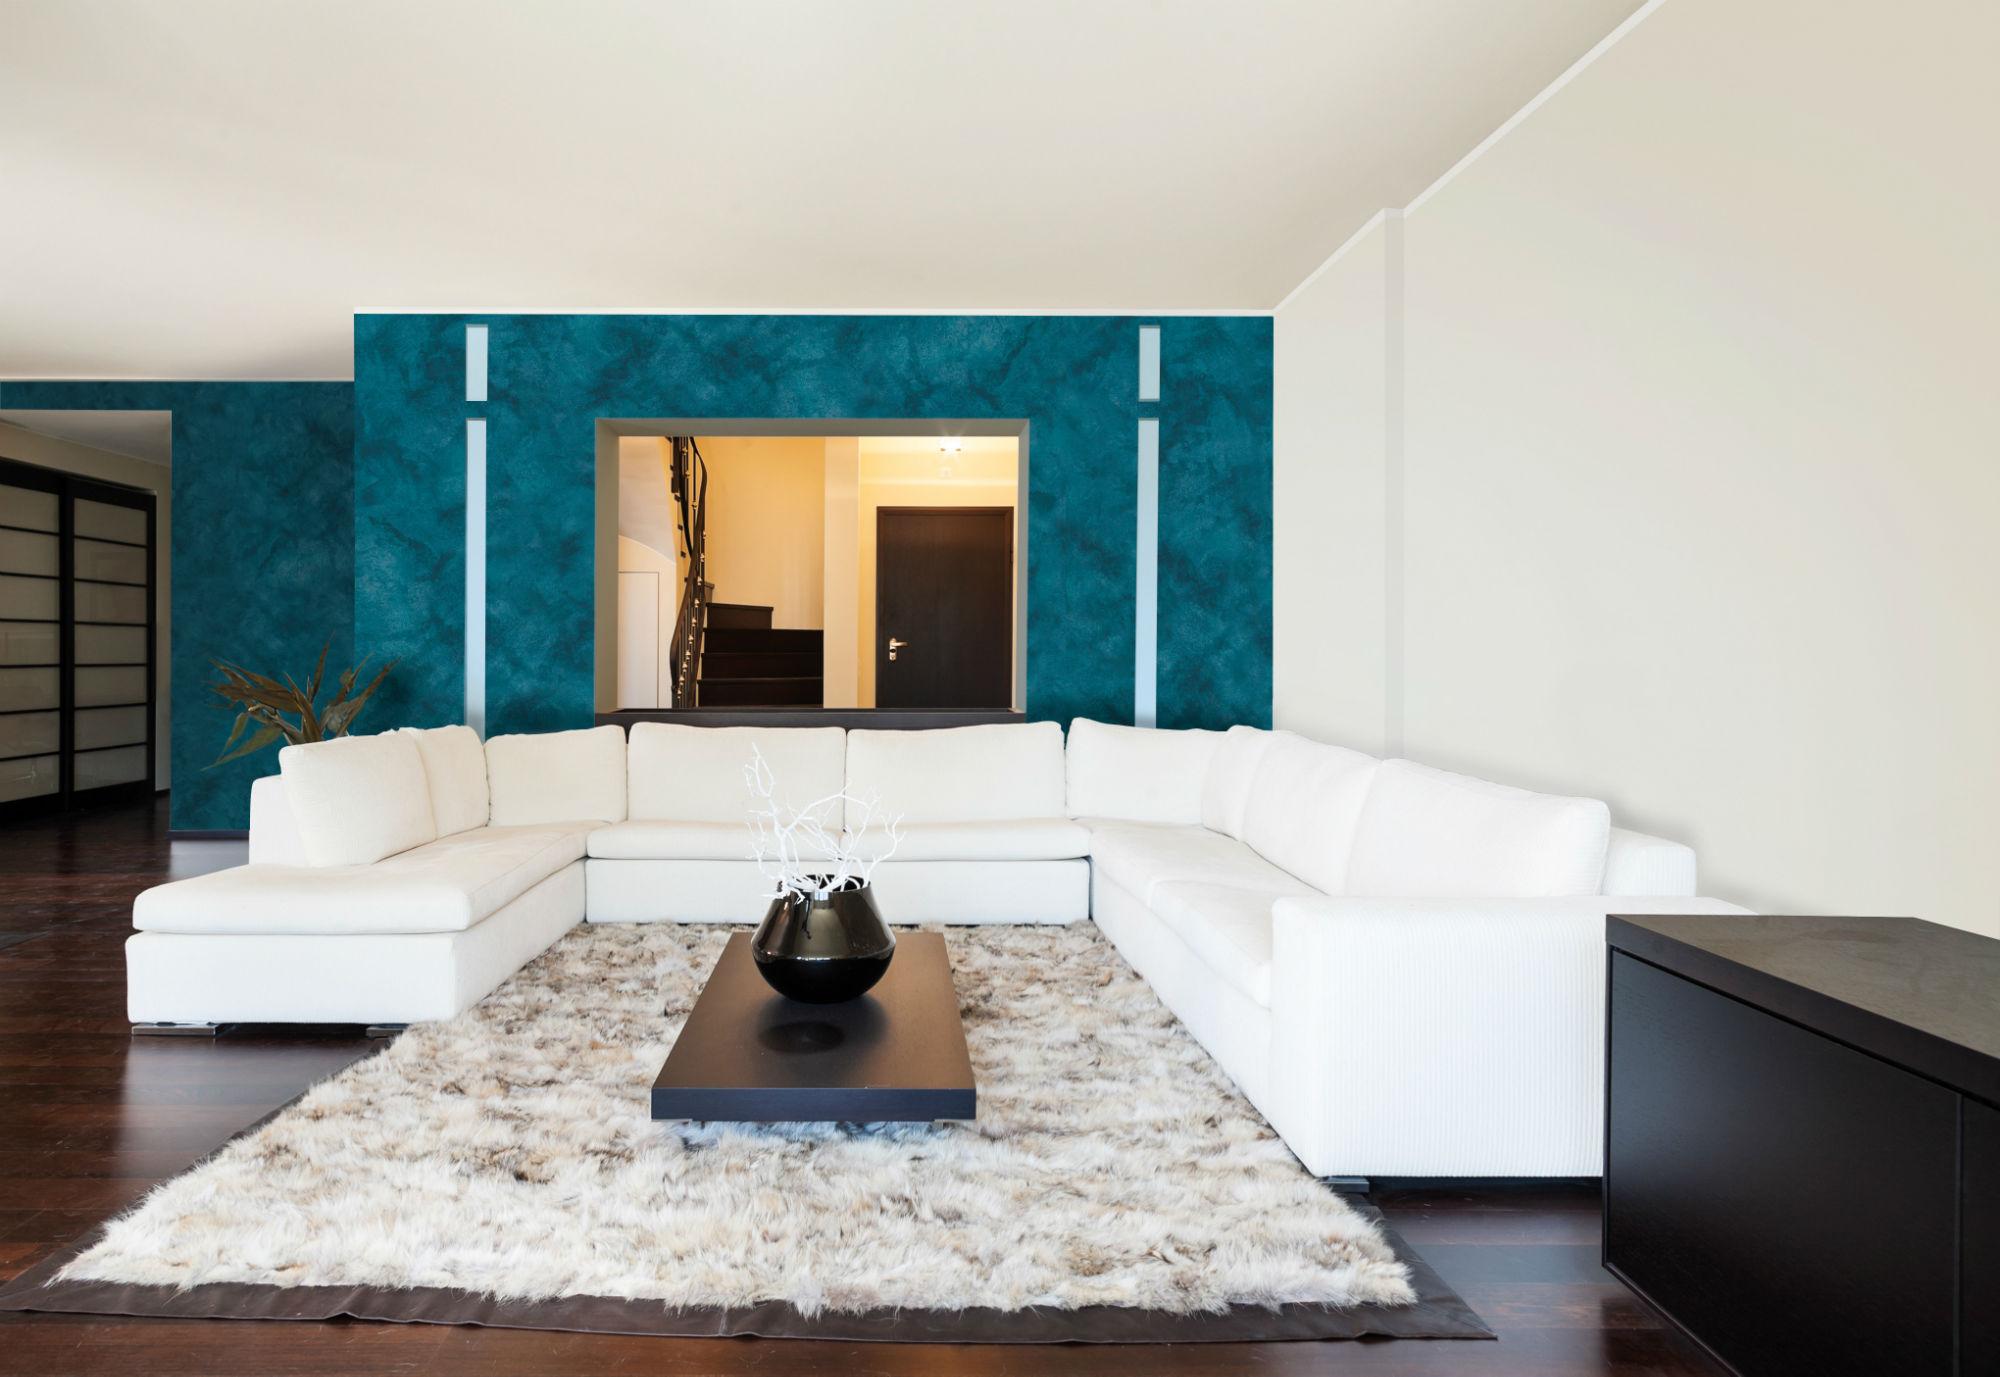 Style Dein Heim, Typisch Moderne Wanddesigns Mit Und Ohne Metalliceffekt U2013  Exklusive Wohnideen Passende Outfits Für Ihr Zuhause